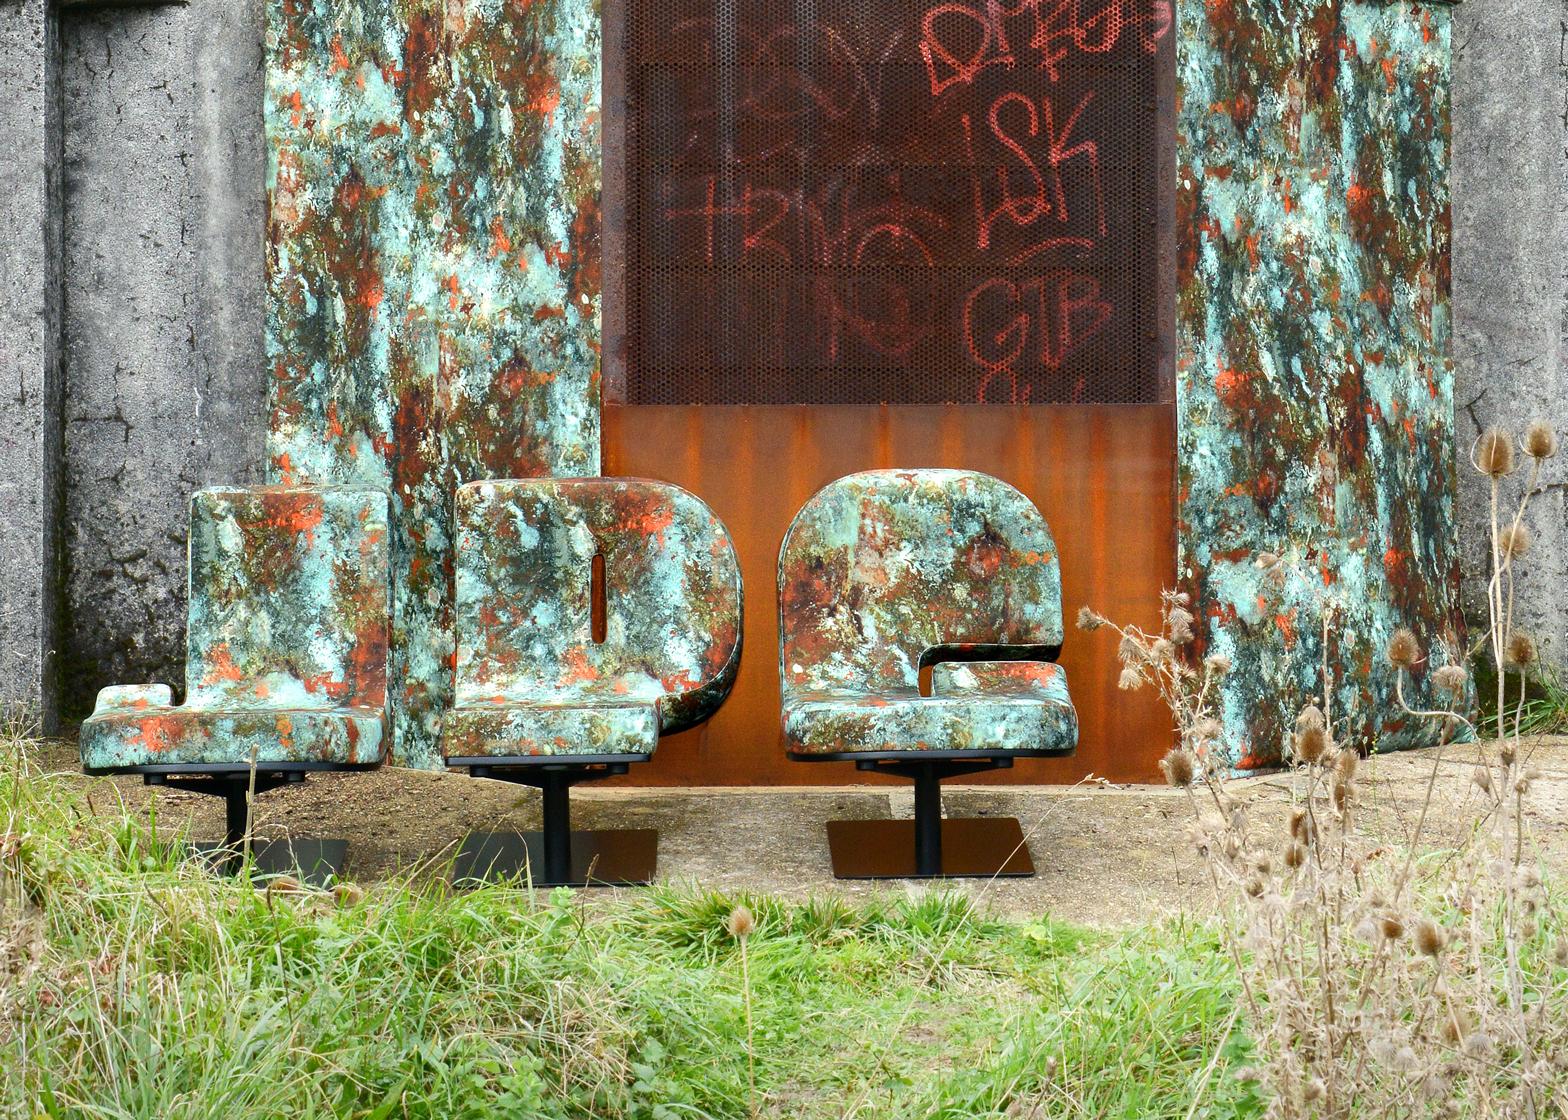 typographia-chairs-jean-paul-gaultier-tabisso_dezeen_ban